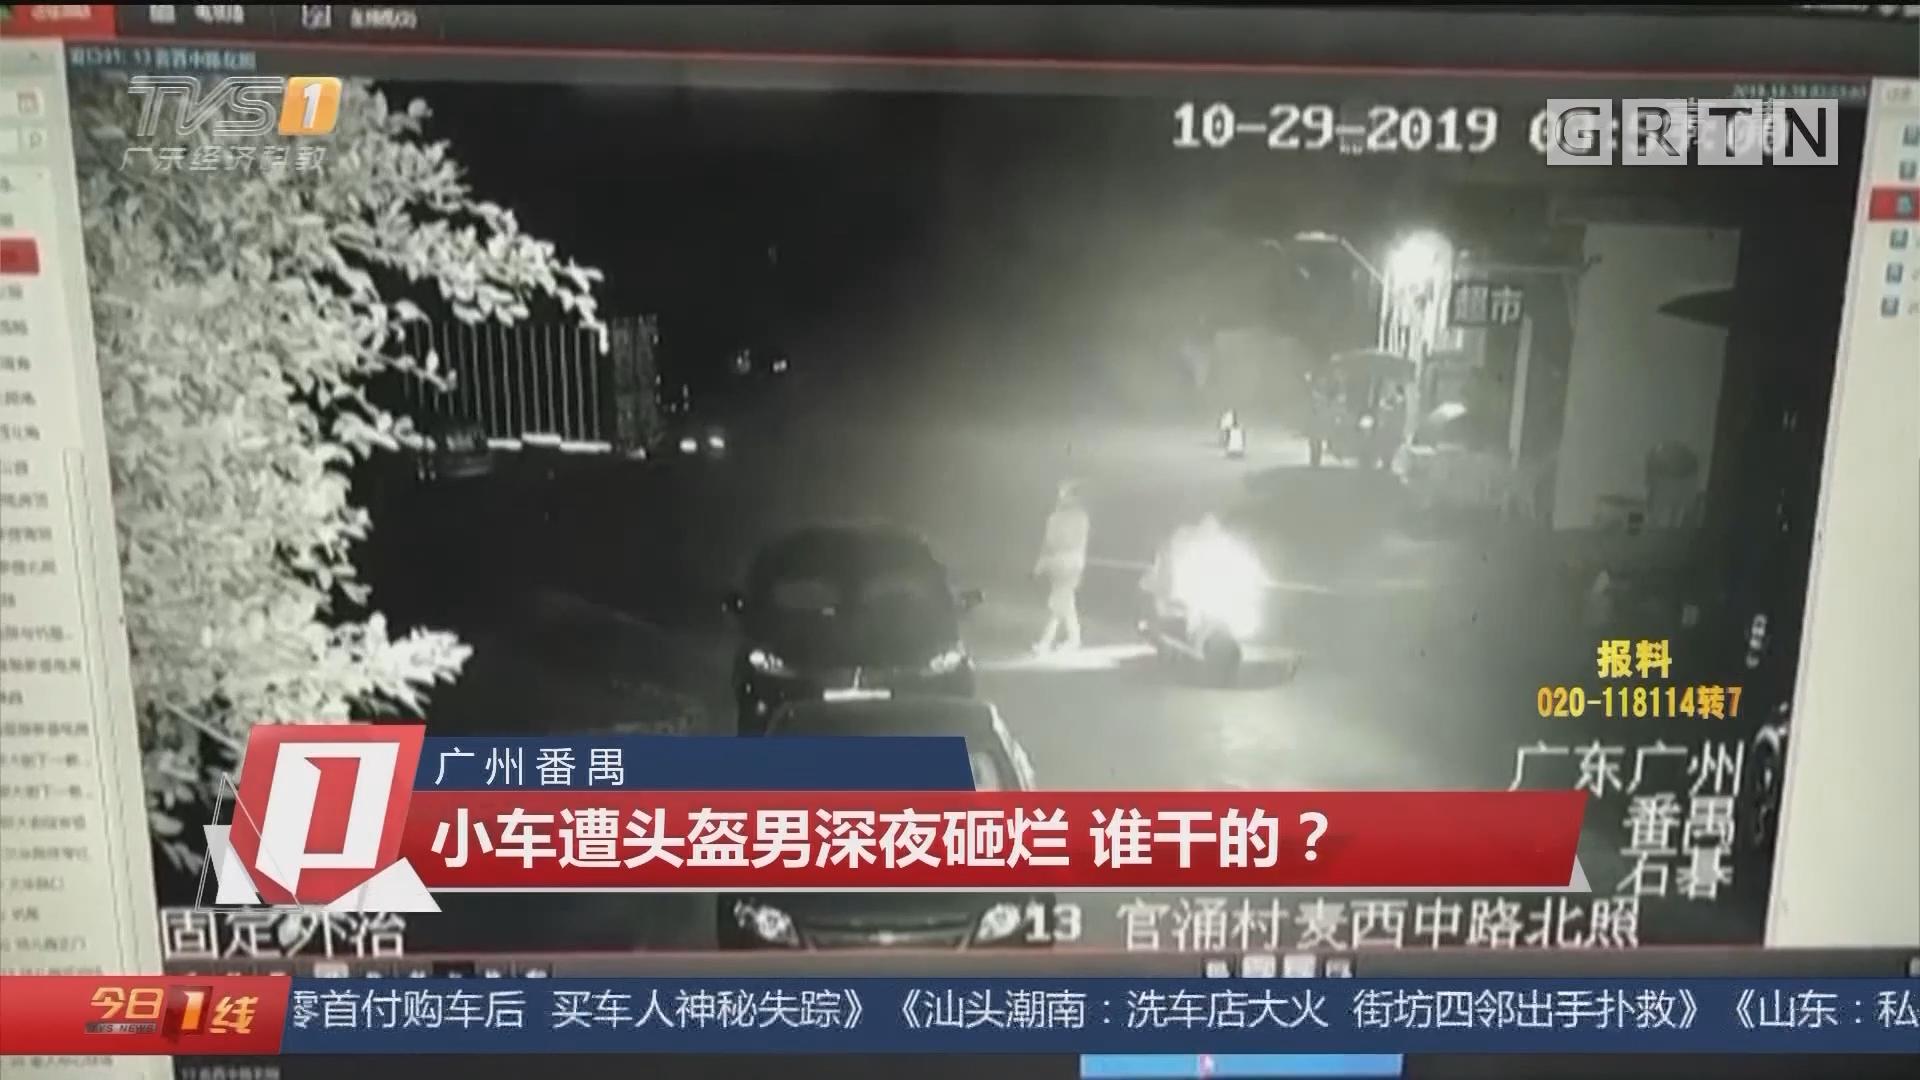 广州番禺:小车遭头盔男深夜砸烂 谁干的?